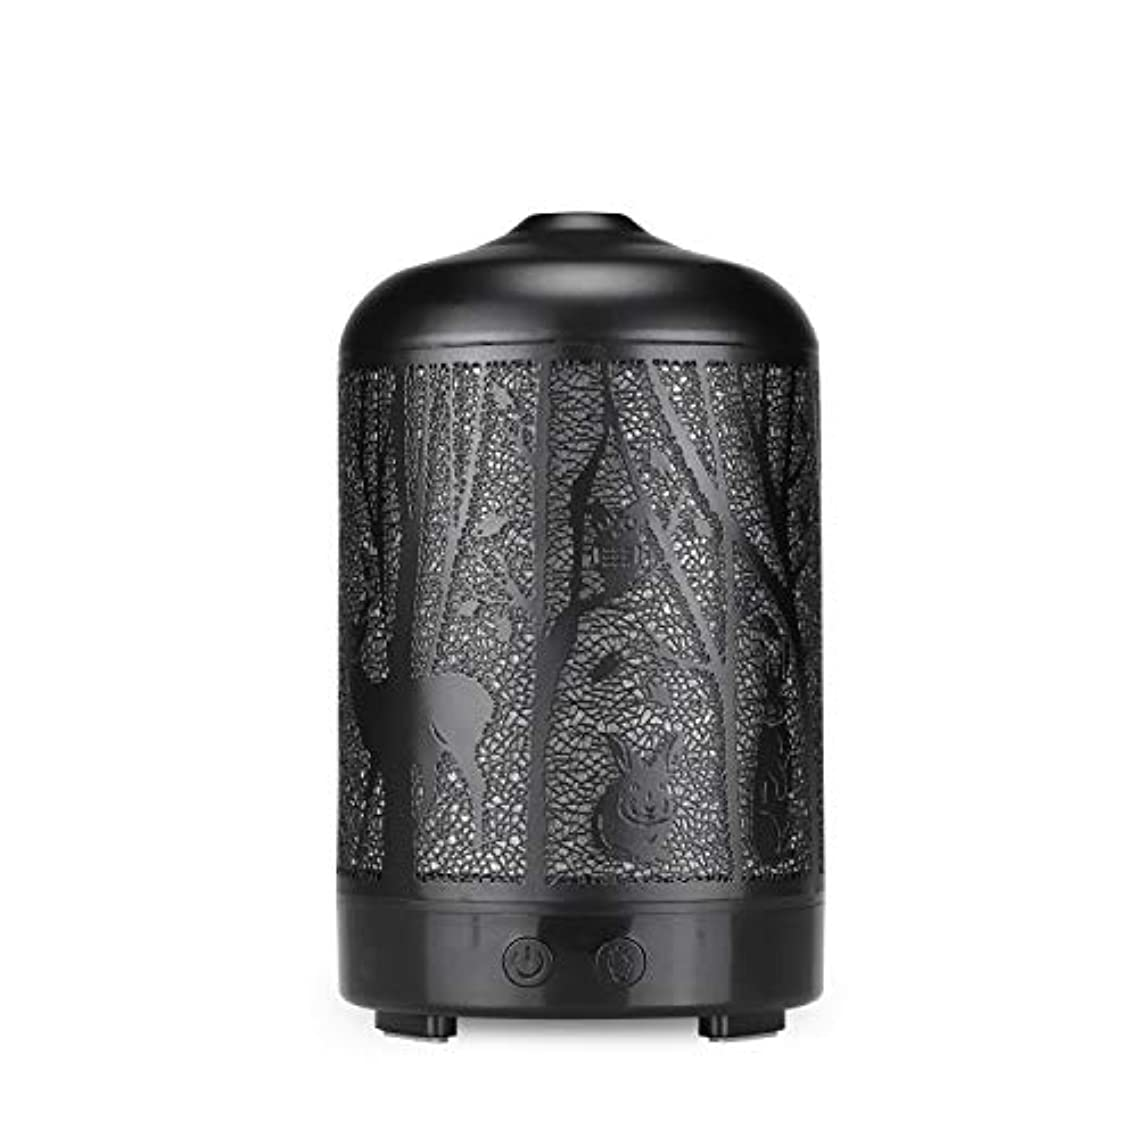 思いやりのある通り不幸エッセンシャルオイルディフューザー、100 ml超音波金属ディアーアロマセラピー香り油拡散気化器加湿器